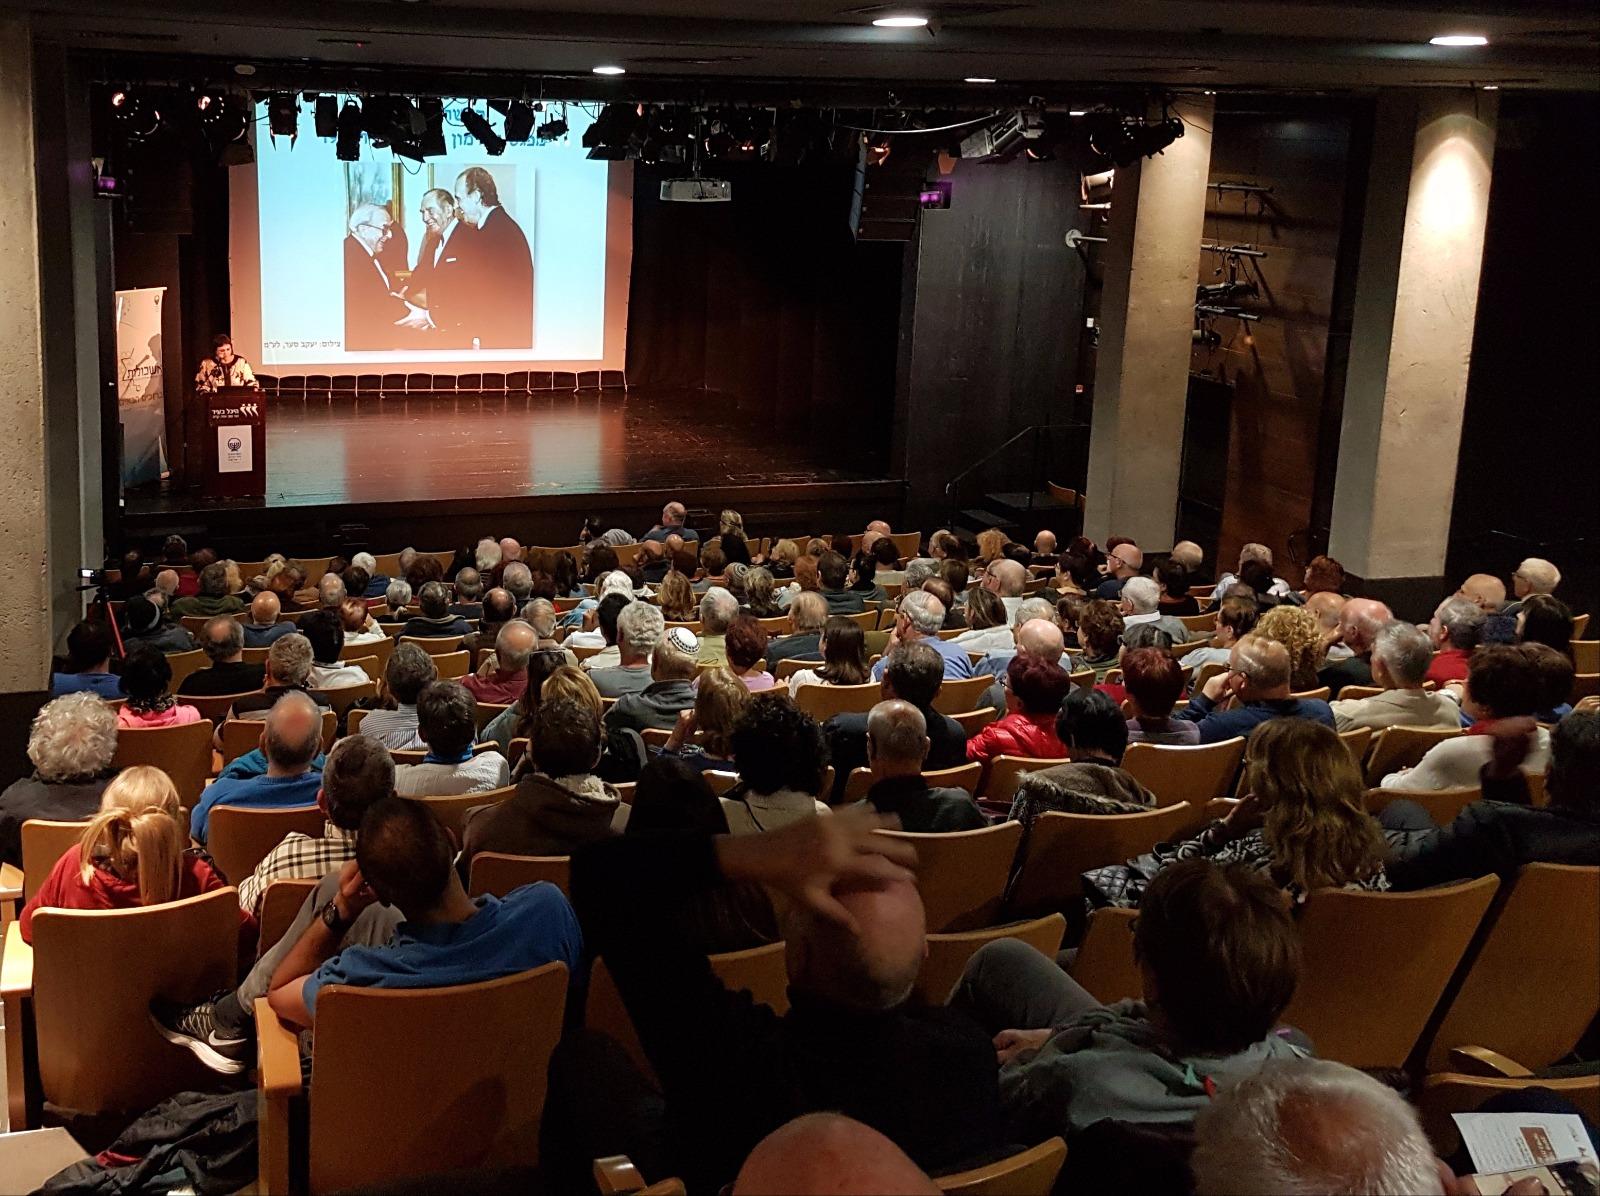 הרצאה בהיכל בעיר